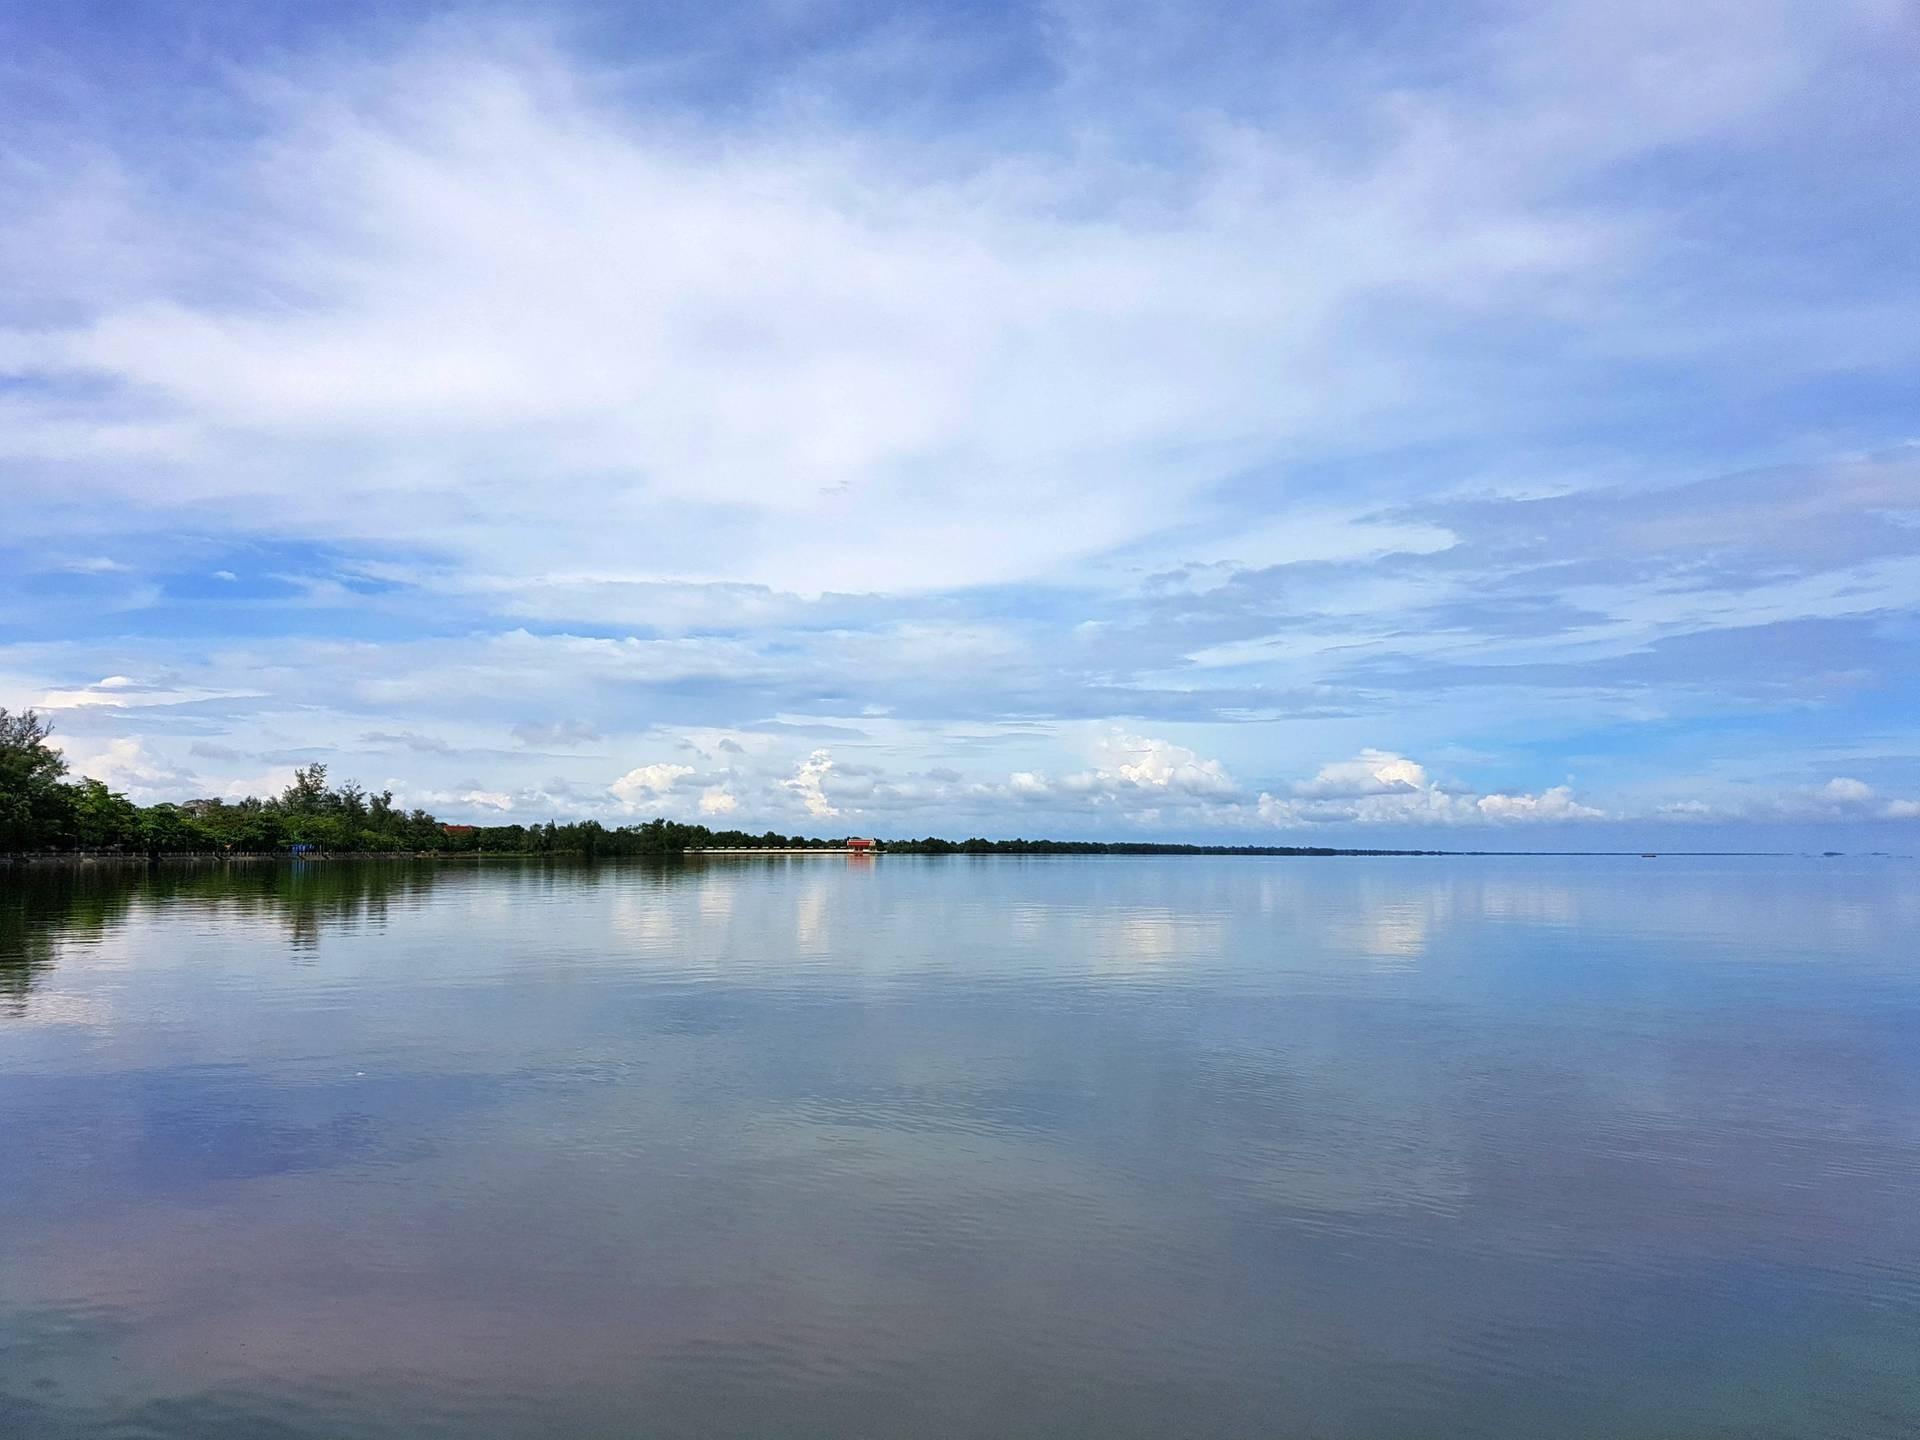 ทิวสนร่มรื่นอยู่เลียบริมทะเลสาบตลอดแนว